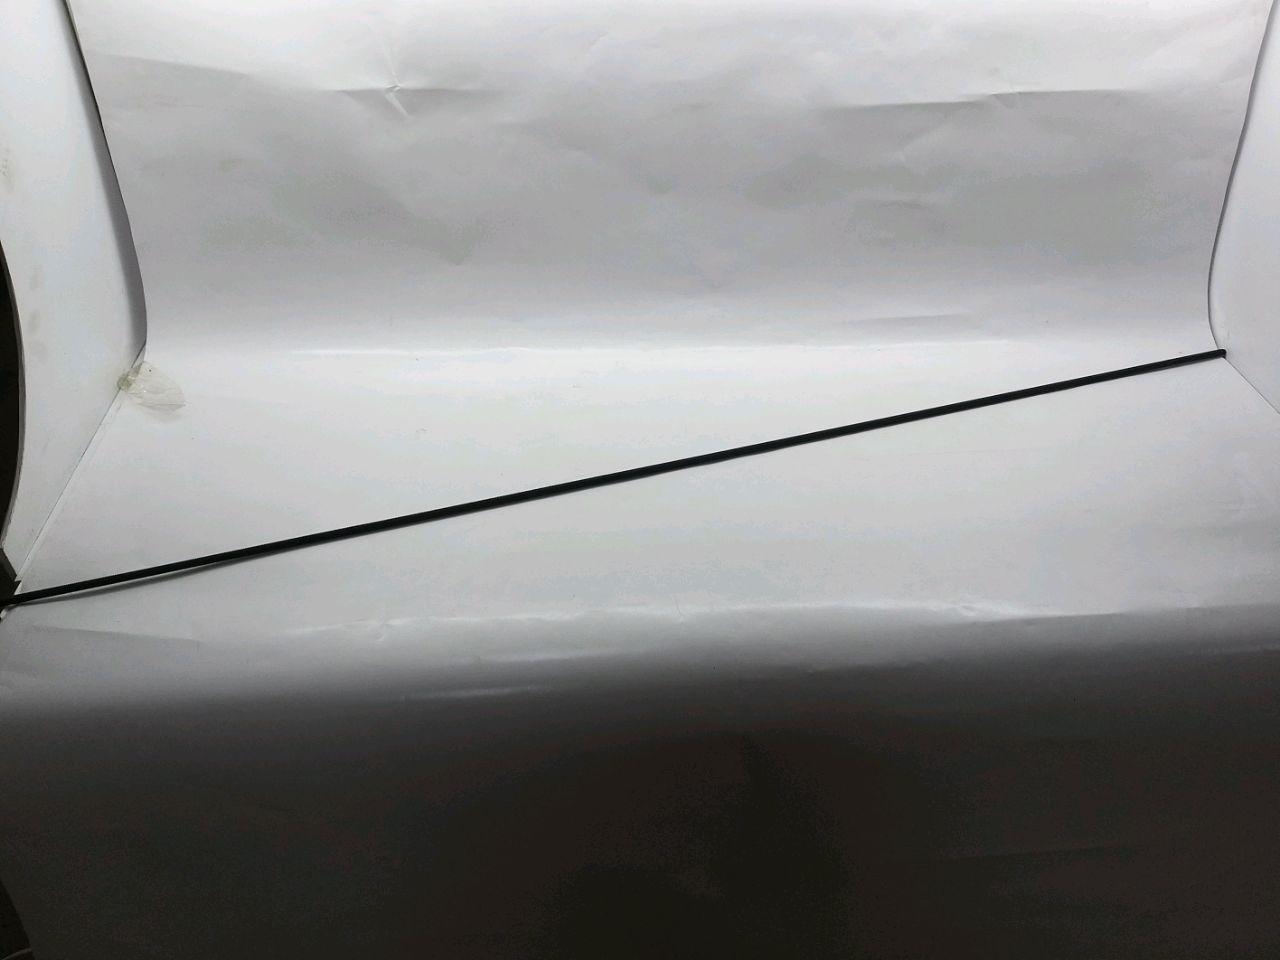 Spilca M10х1000 DIN975 10.9